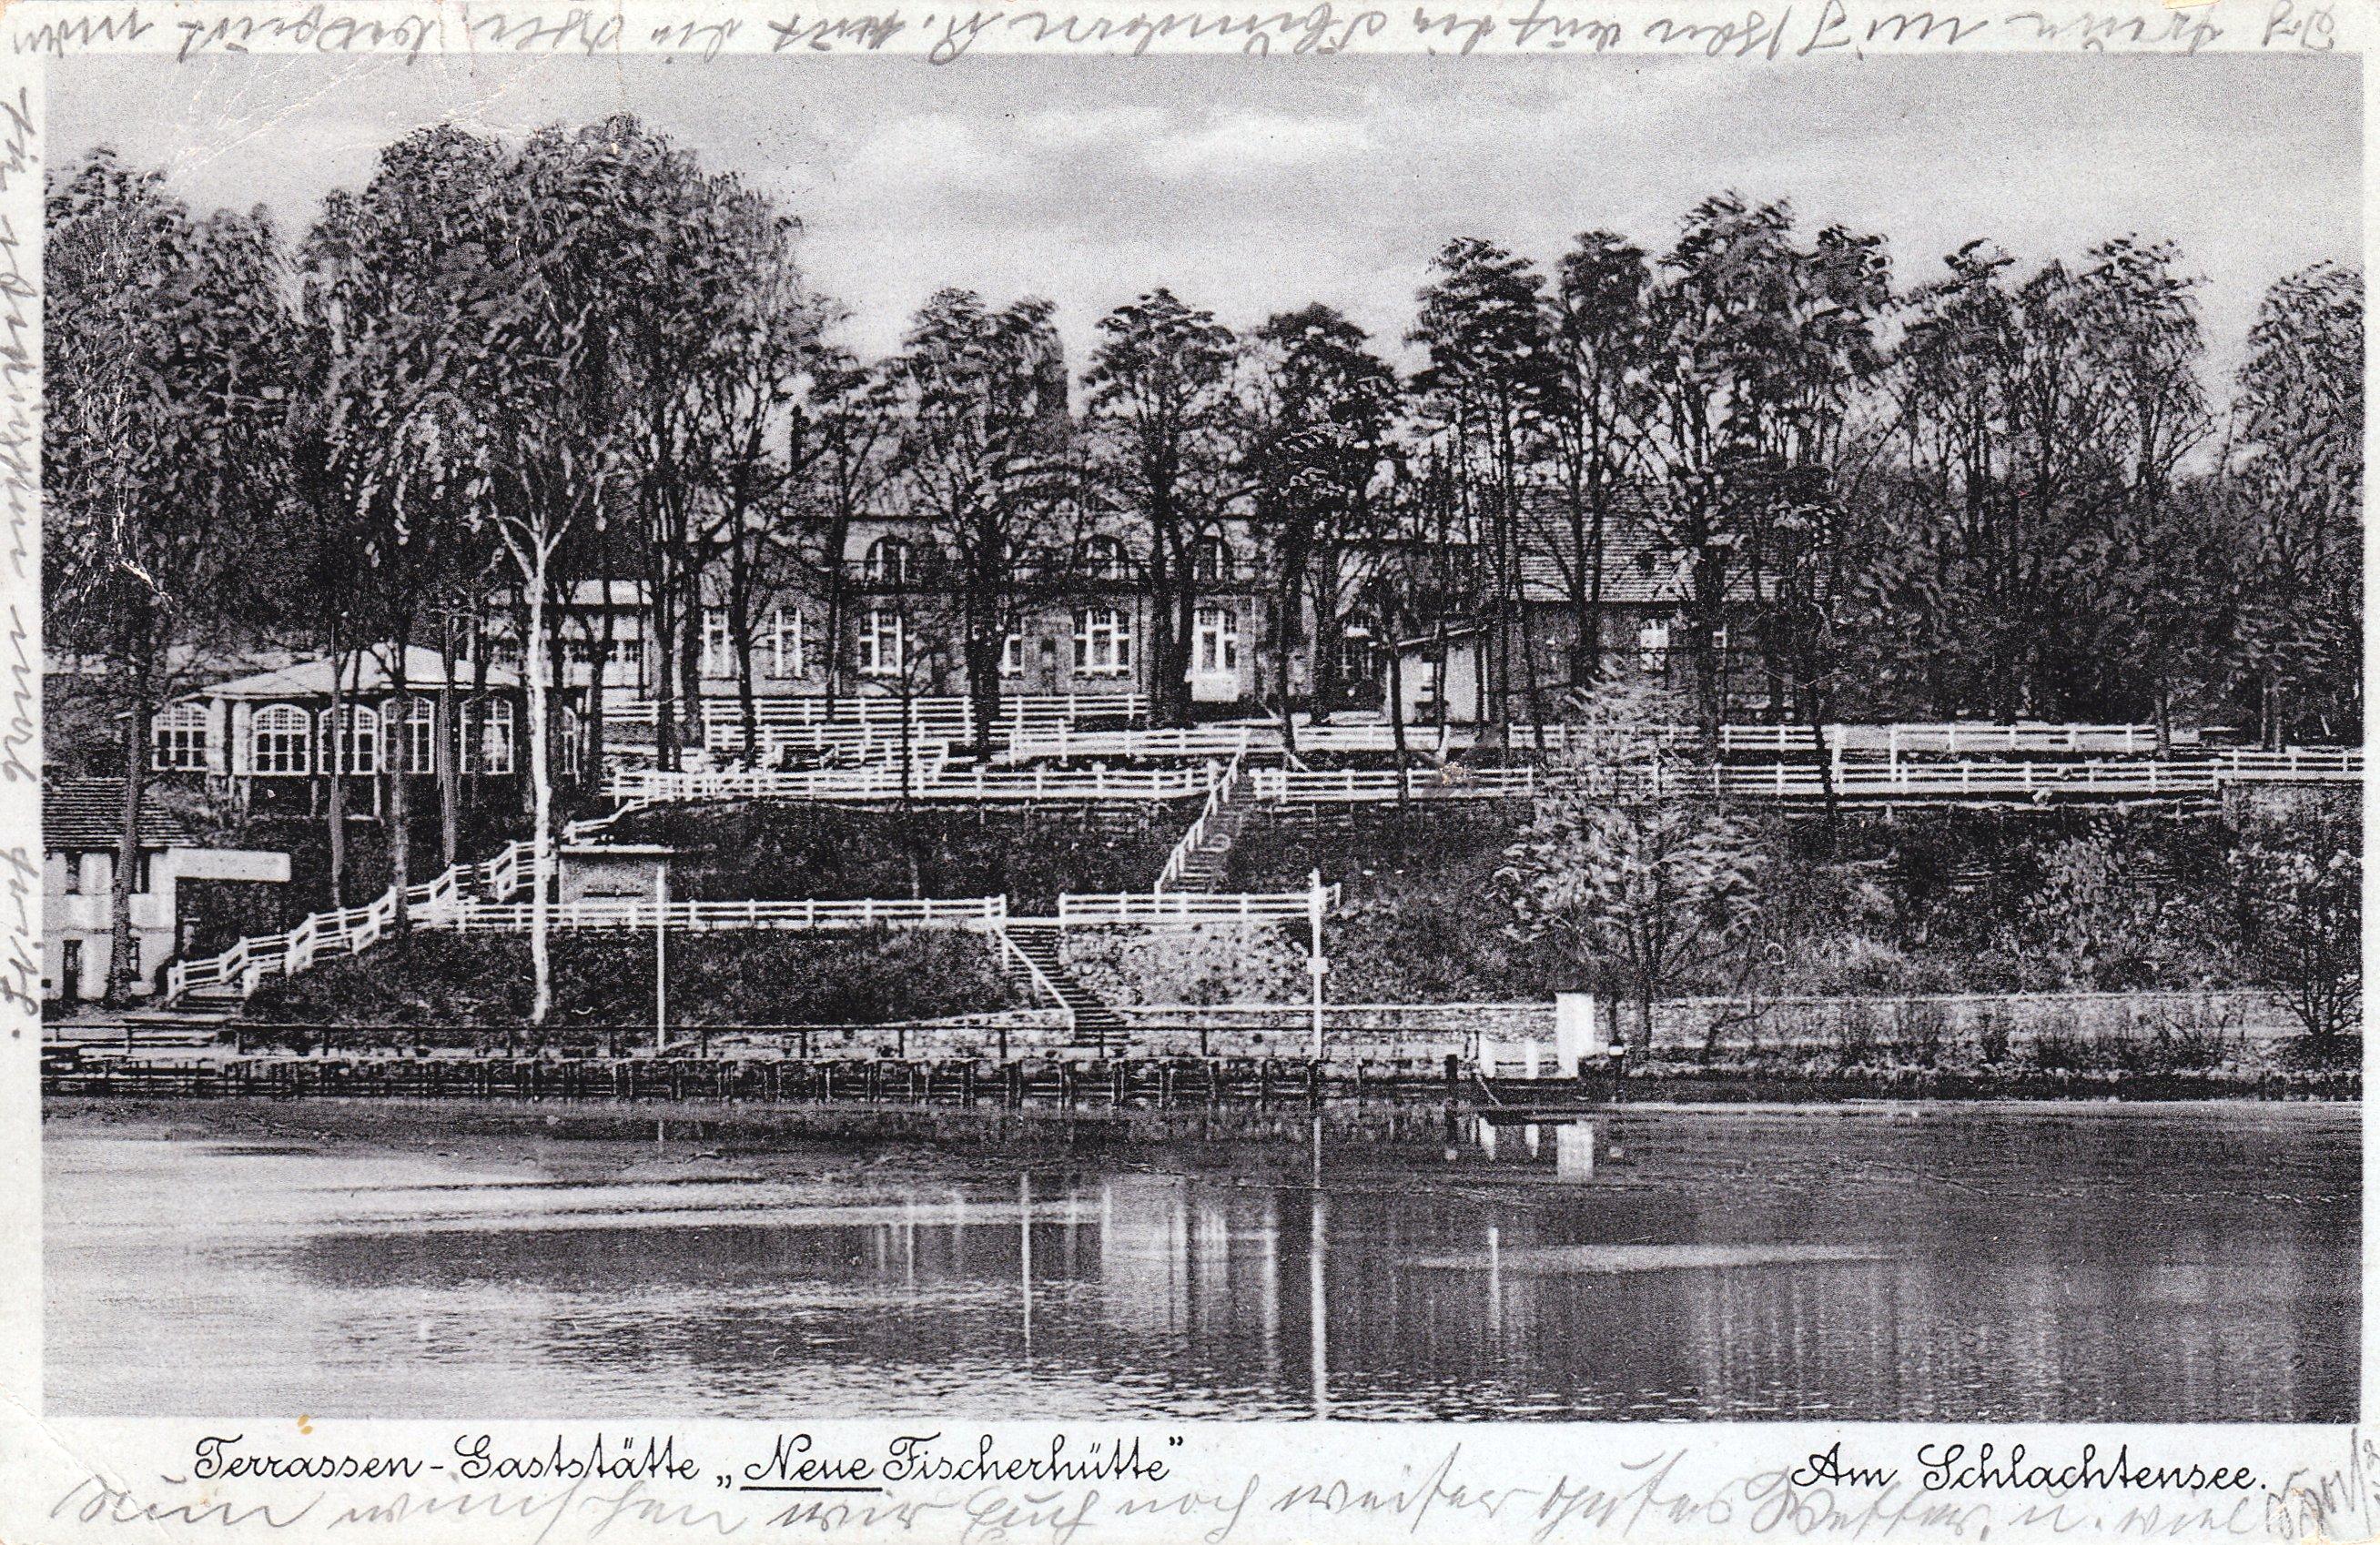 Neue Fischerhütte um 1938 (Quelle: Flickr / Thomas Lautenschlag)